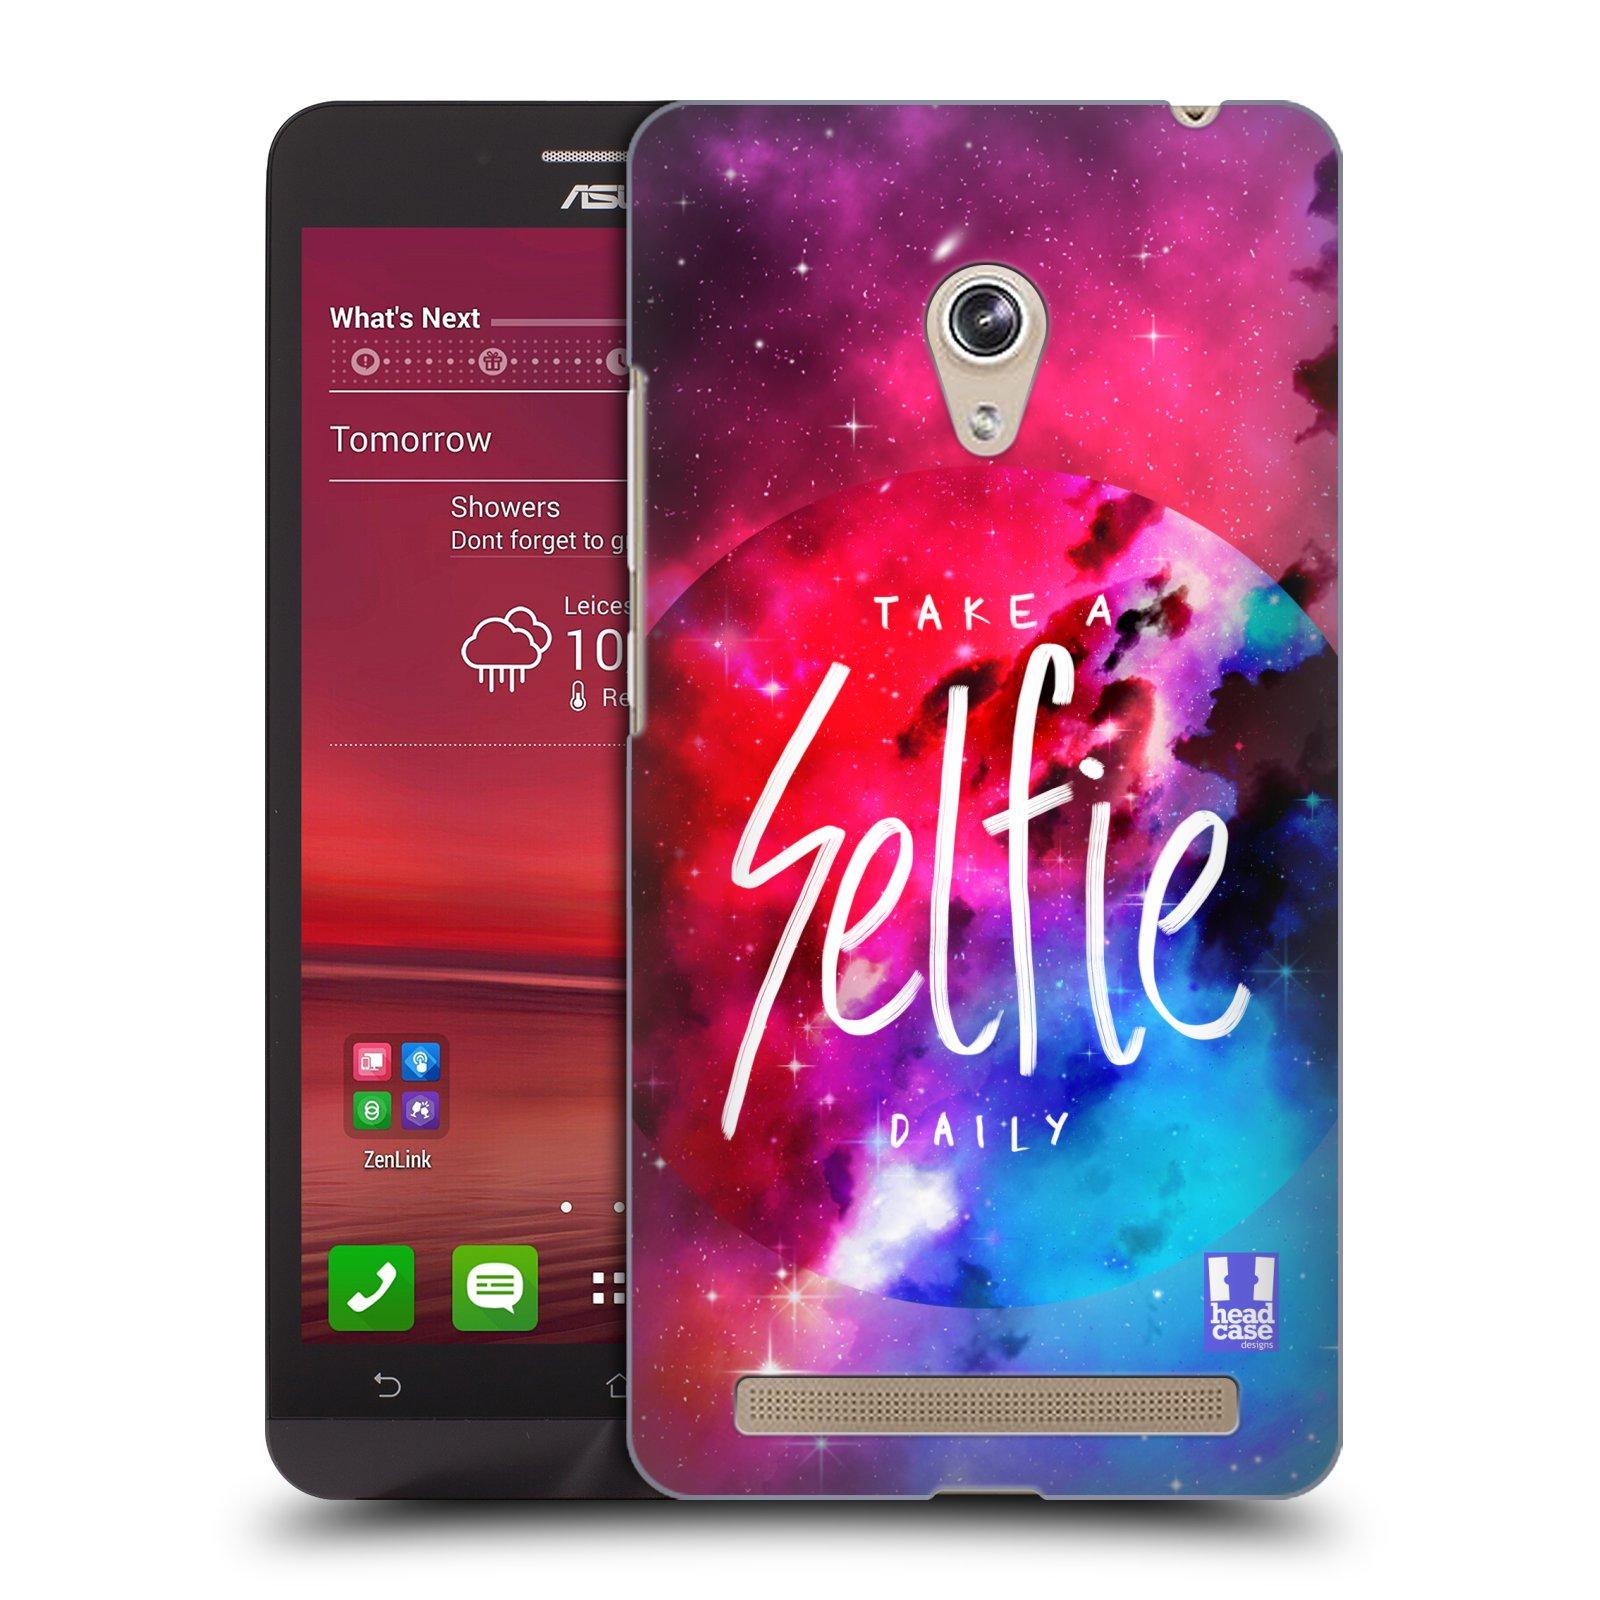 Plastové pouzdro na mobil Asus Zenfone 6 HEAD CASE SELFIE DAILY (Kryt či obal na mobilní telefon Asus Zenfone 6 A600CG / A601CG)